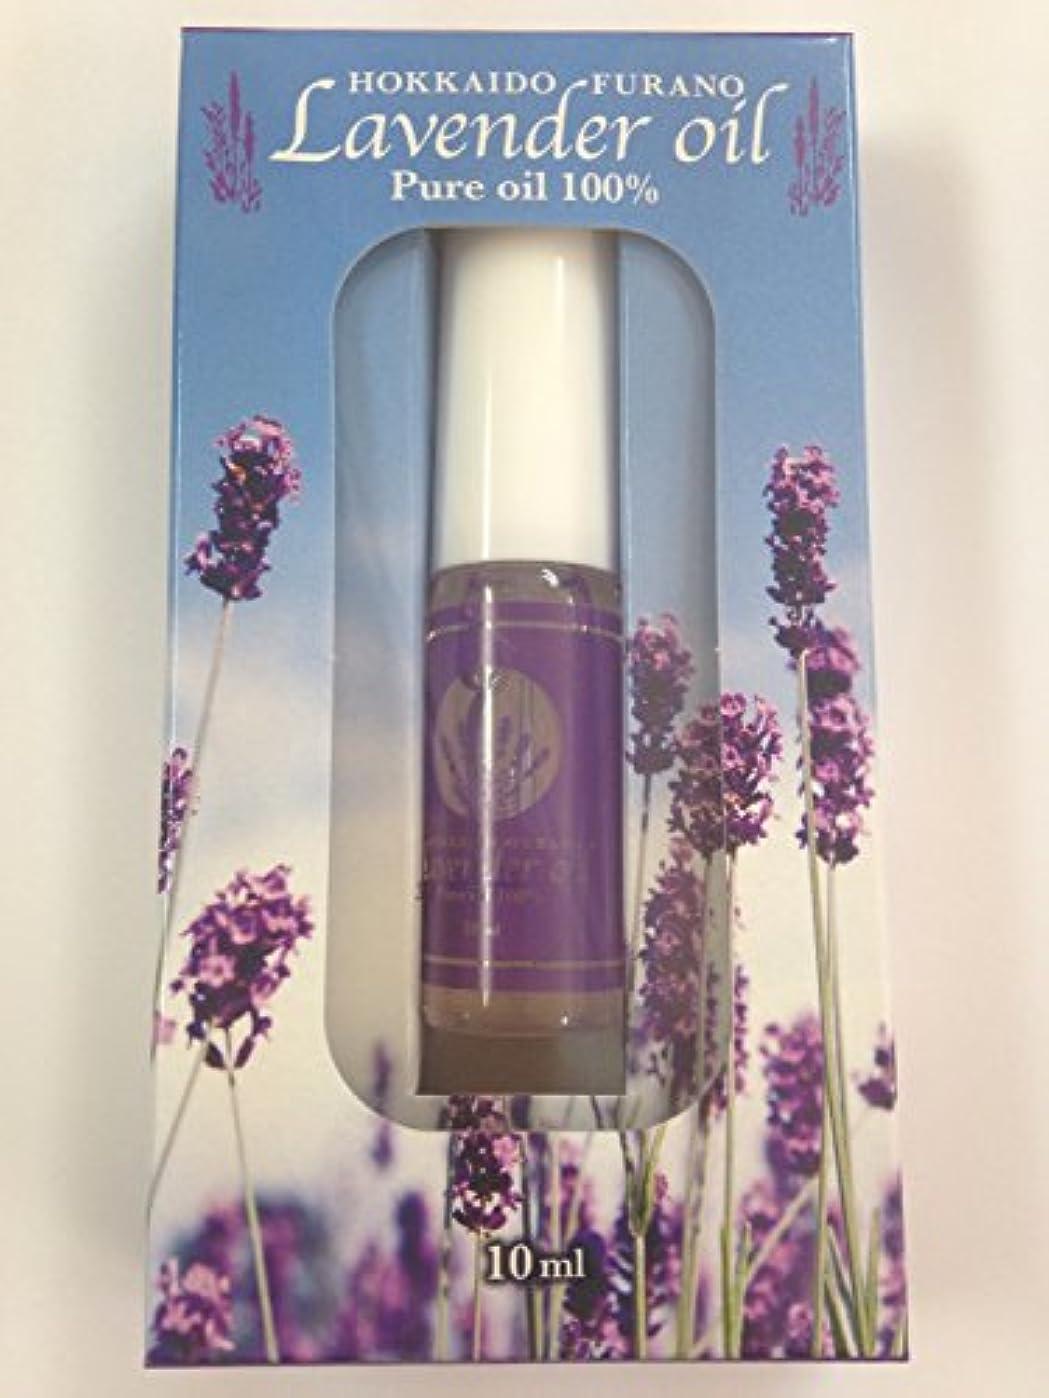 だらしない素朴な封建北海道◆ラベンダー天然精油100%?10ml<水蒸気蒸留法>Lavender oil